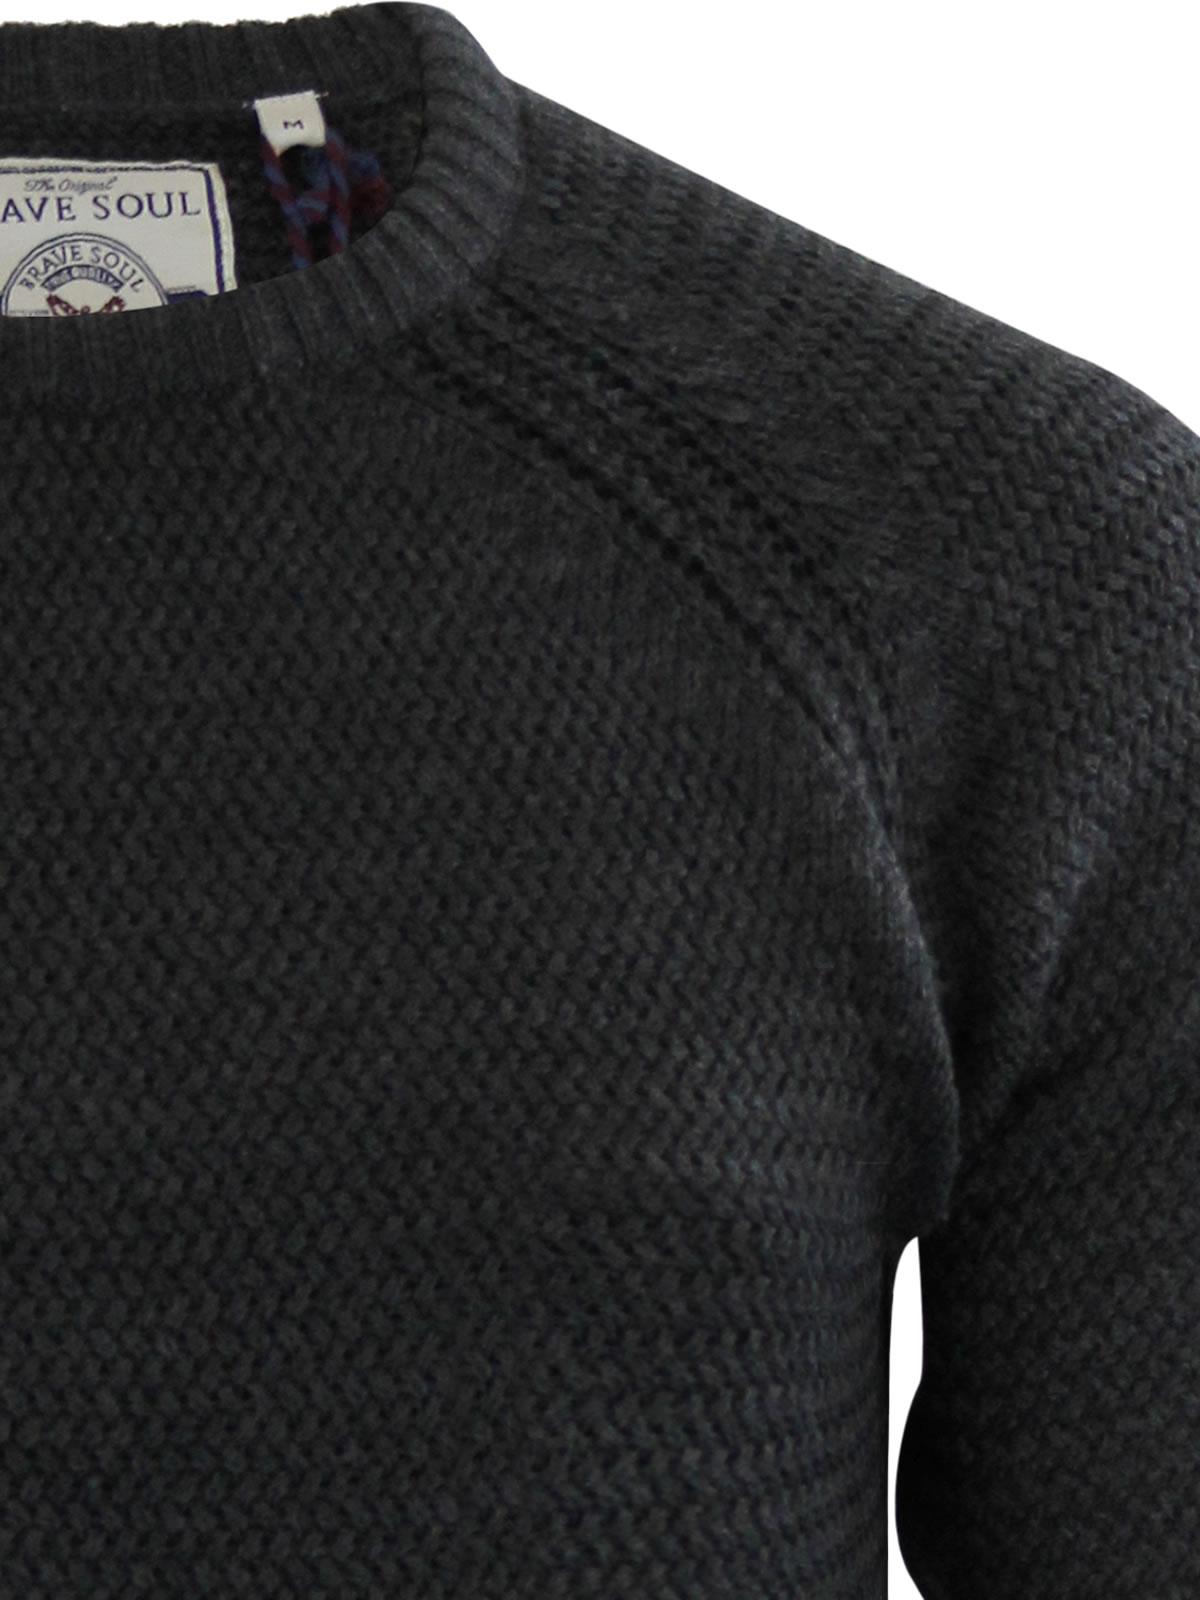 herren-pullover-brave-soul-columbia-weave-strick-rundhals-winterpulli Indexbild 4